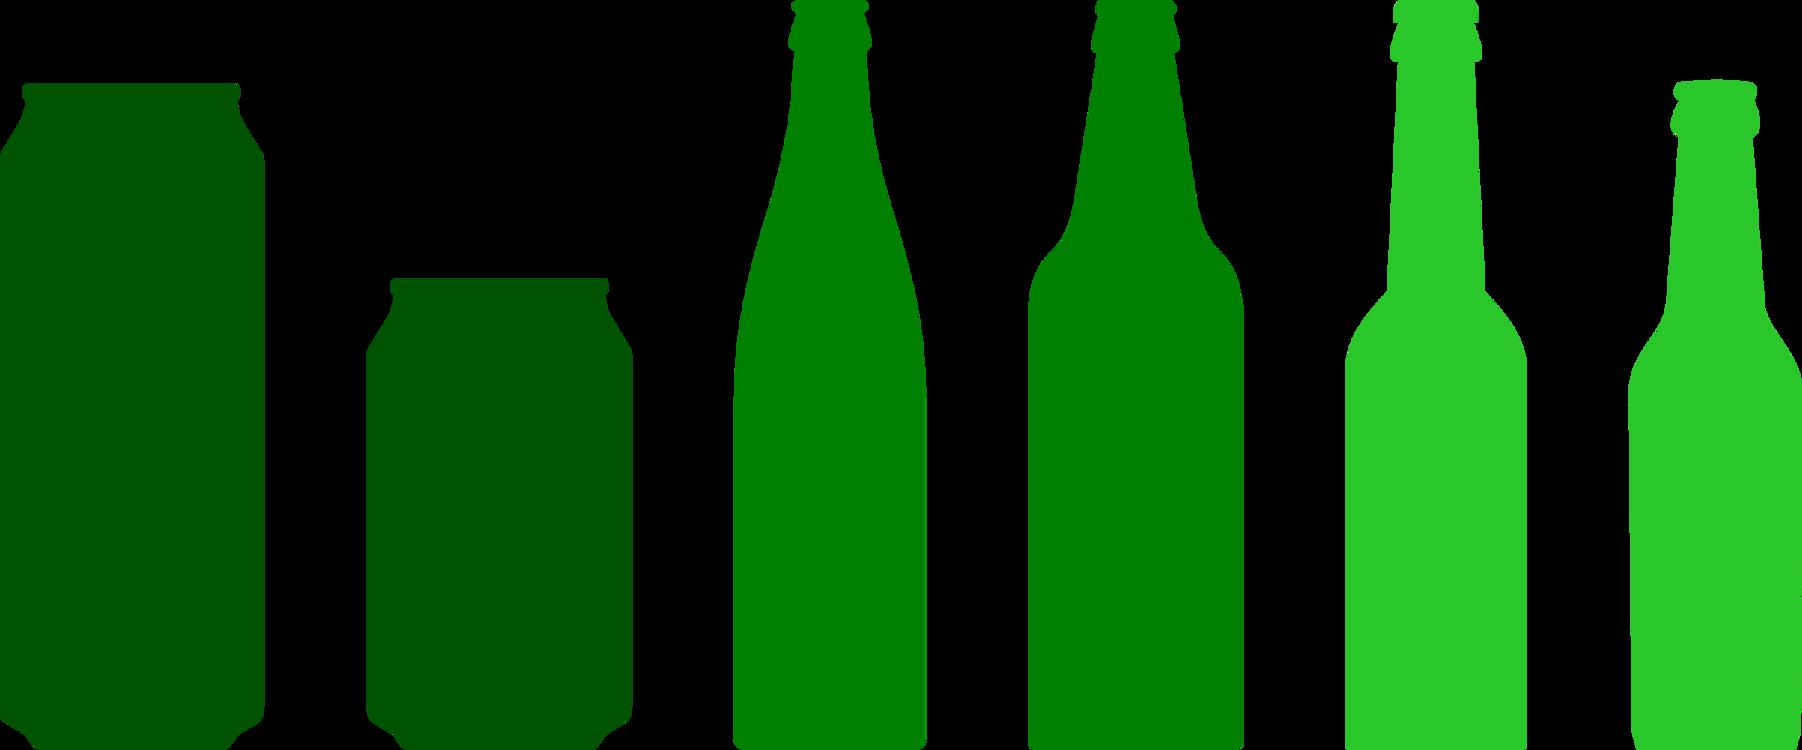 Beer Bottle,Glass Bottle,Green